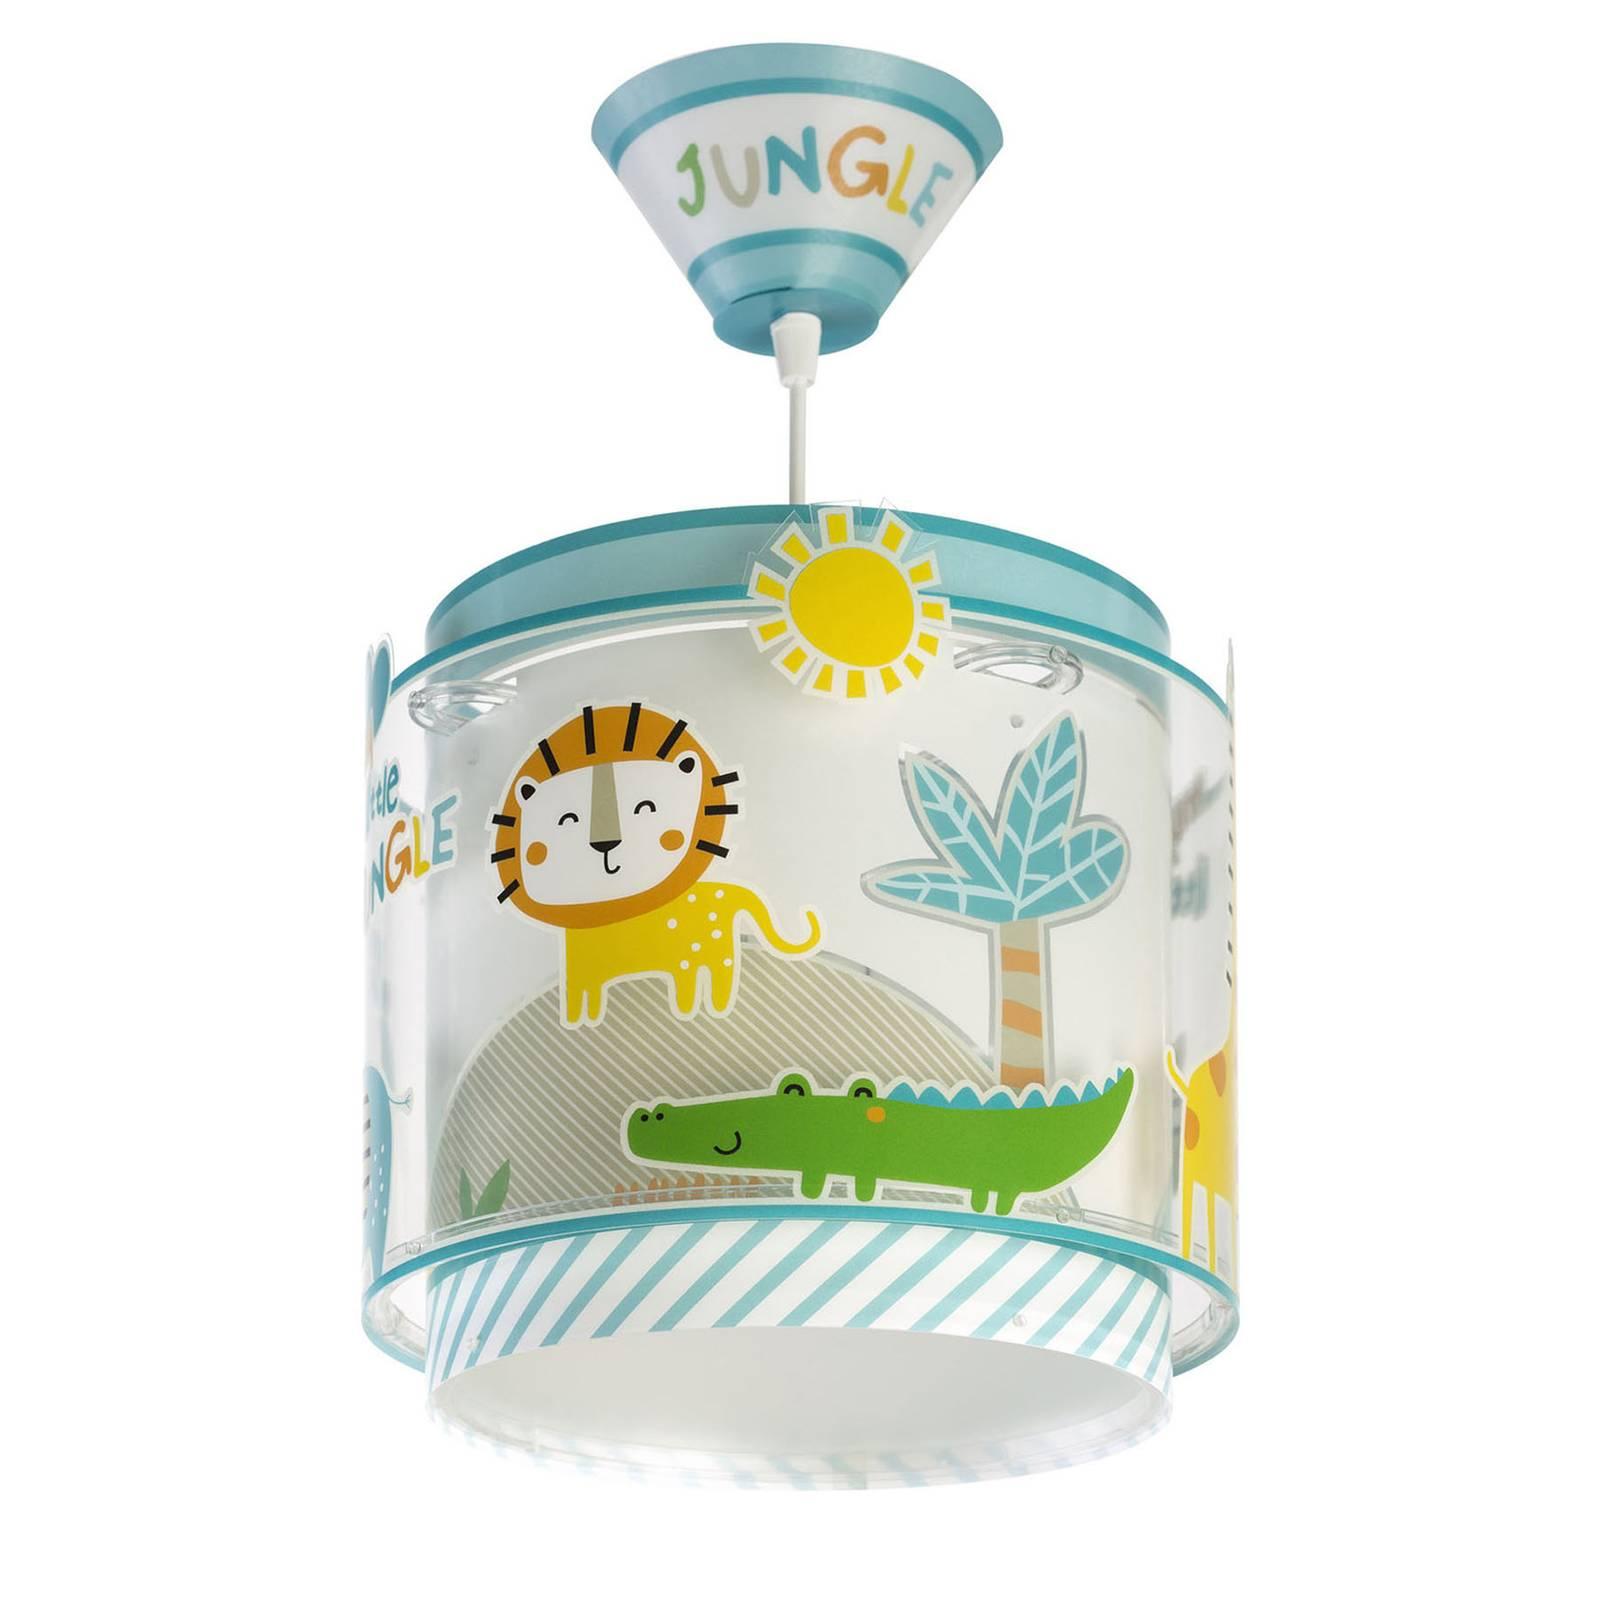 Lastenhuoneen riippuvalo Little Jungle, 1-lamp.